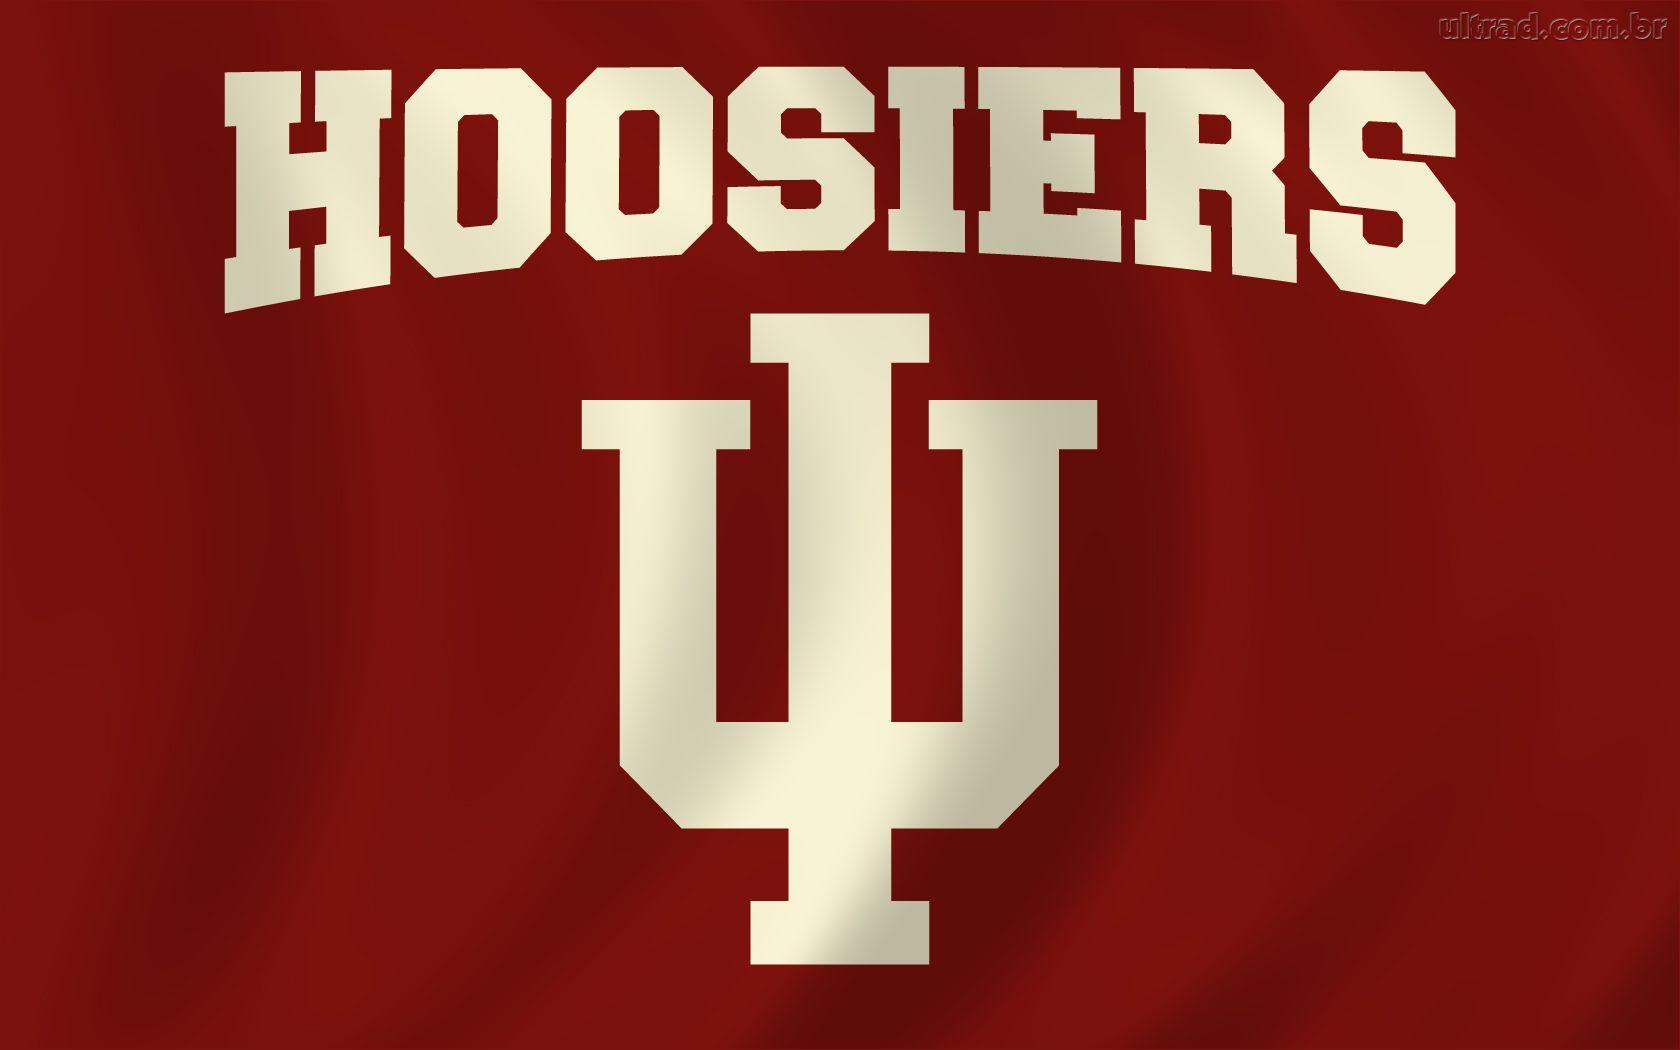 Papel de Parede Bandeira de Hoosier   Indiana 1680x1050